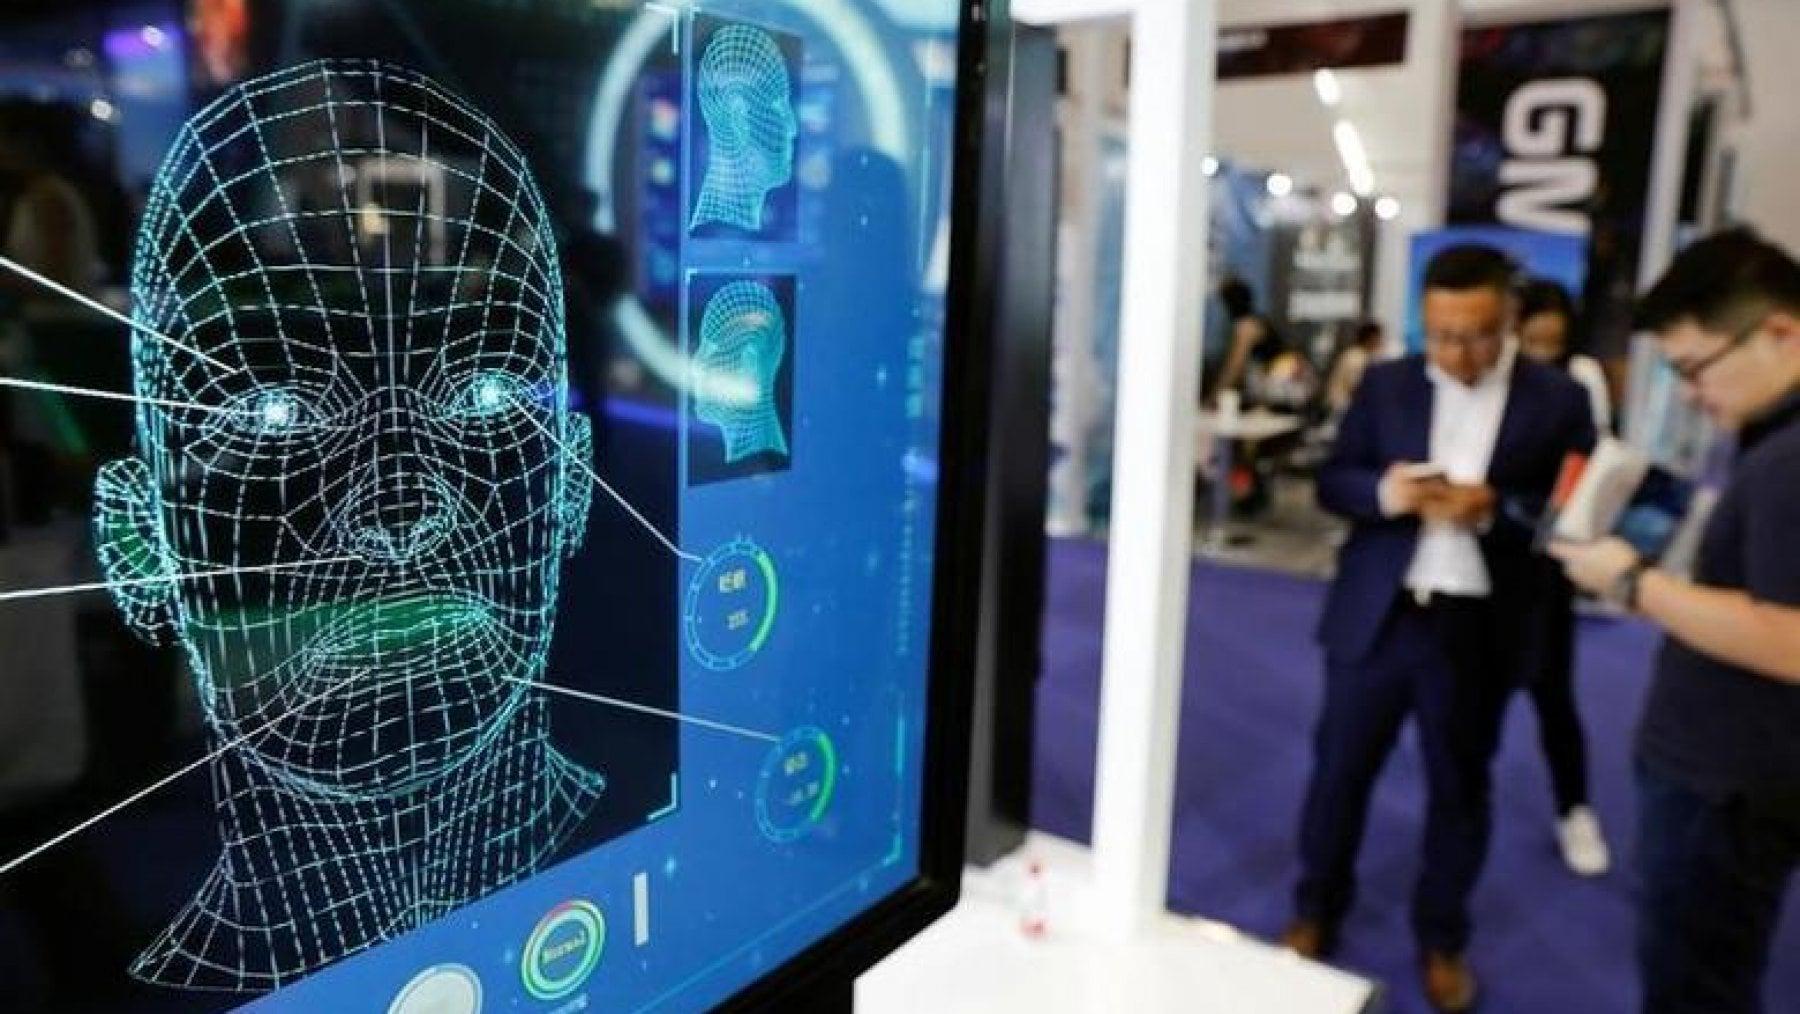 Vaticano, governo, Microsoft, Ibm e Fao. Nasce la carta etica per l'intelligenza artificiale